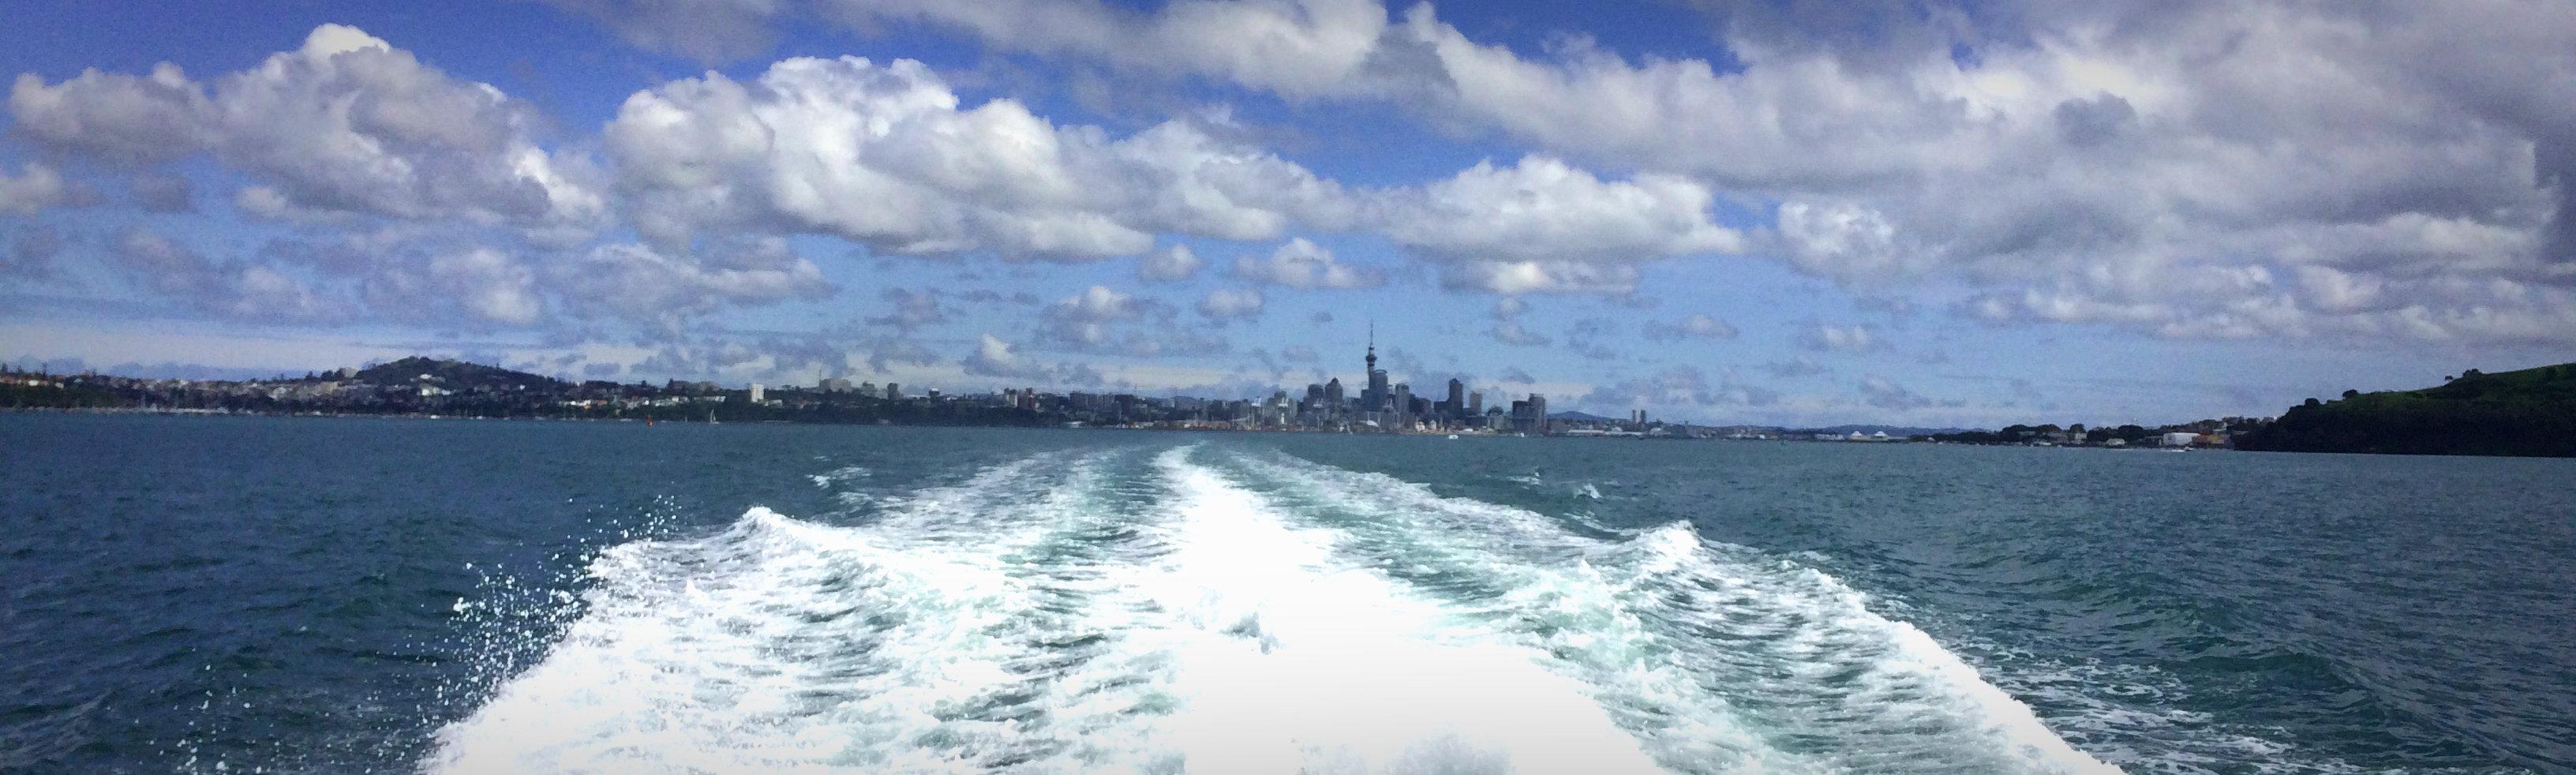 on the boat to Waiheke Island